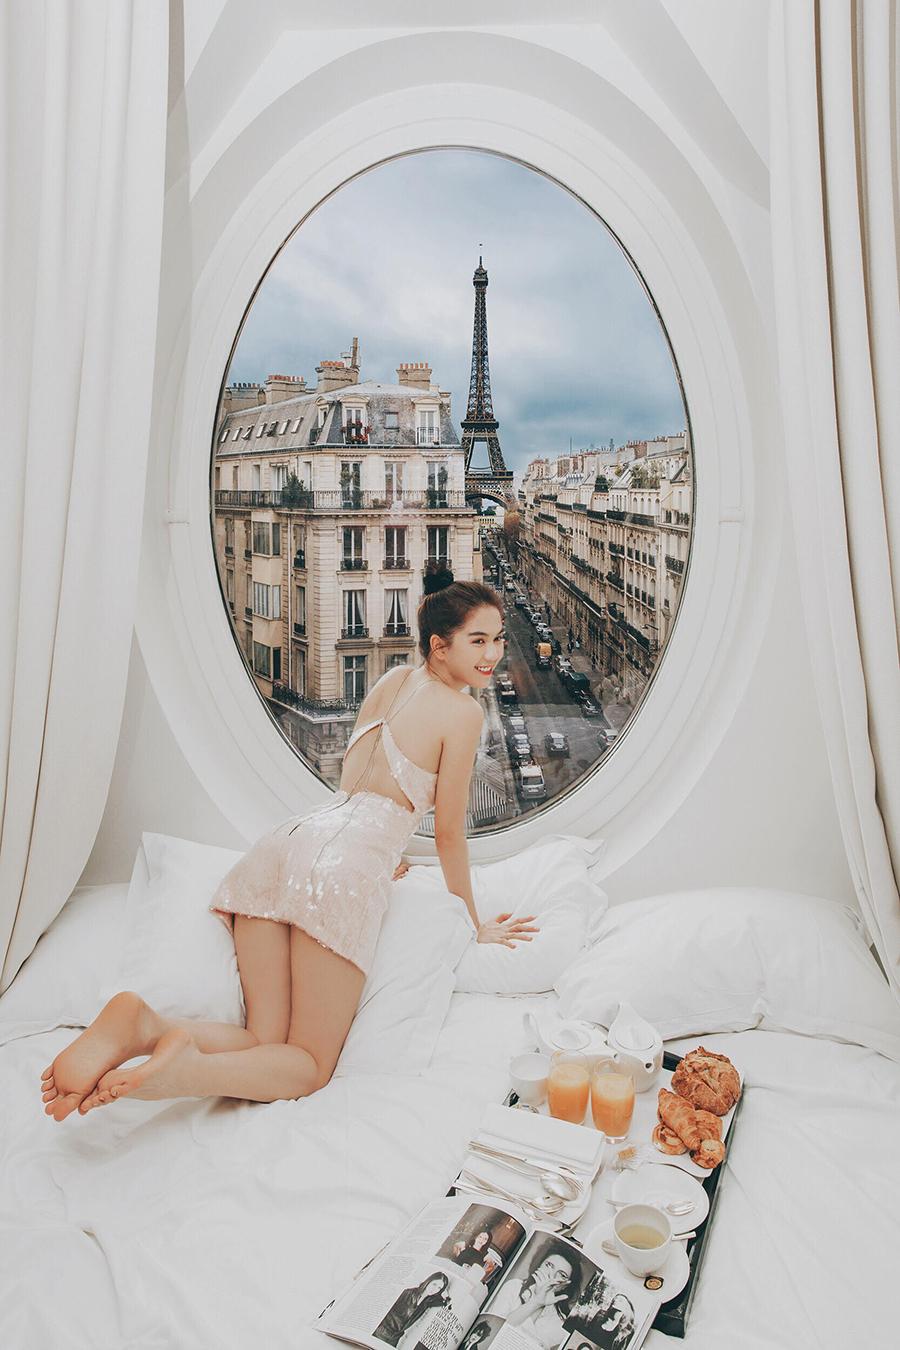 Ngọc Trinh nóng bỏng đón bình minh từ khách sạn sang chảnh bậc nhất nước Pháp 5